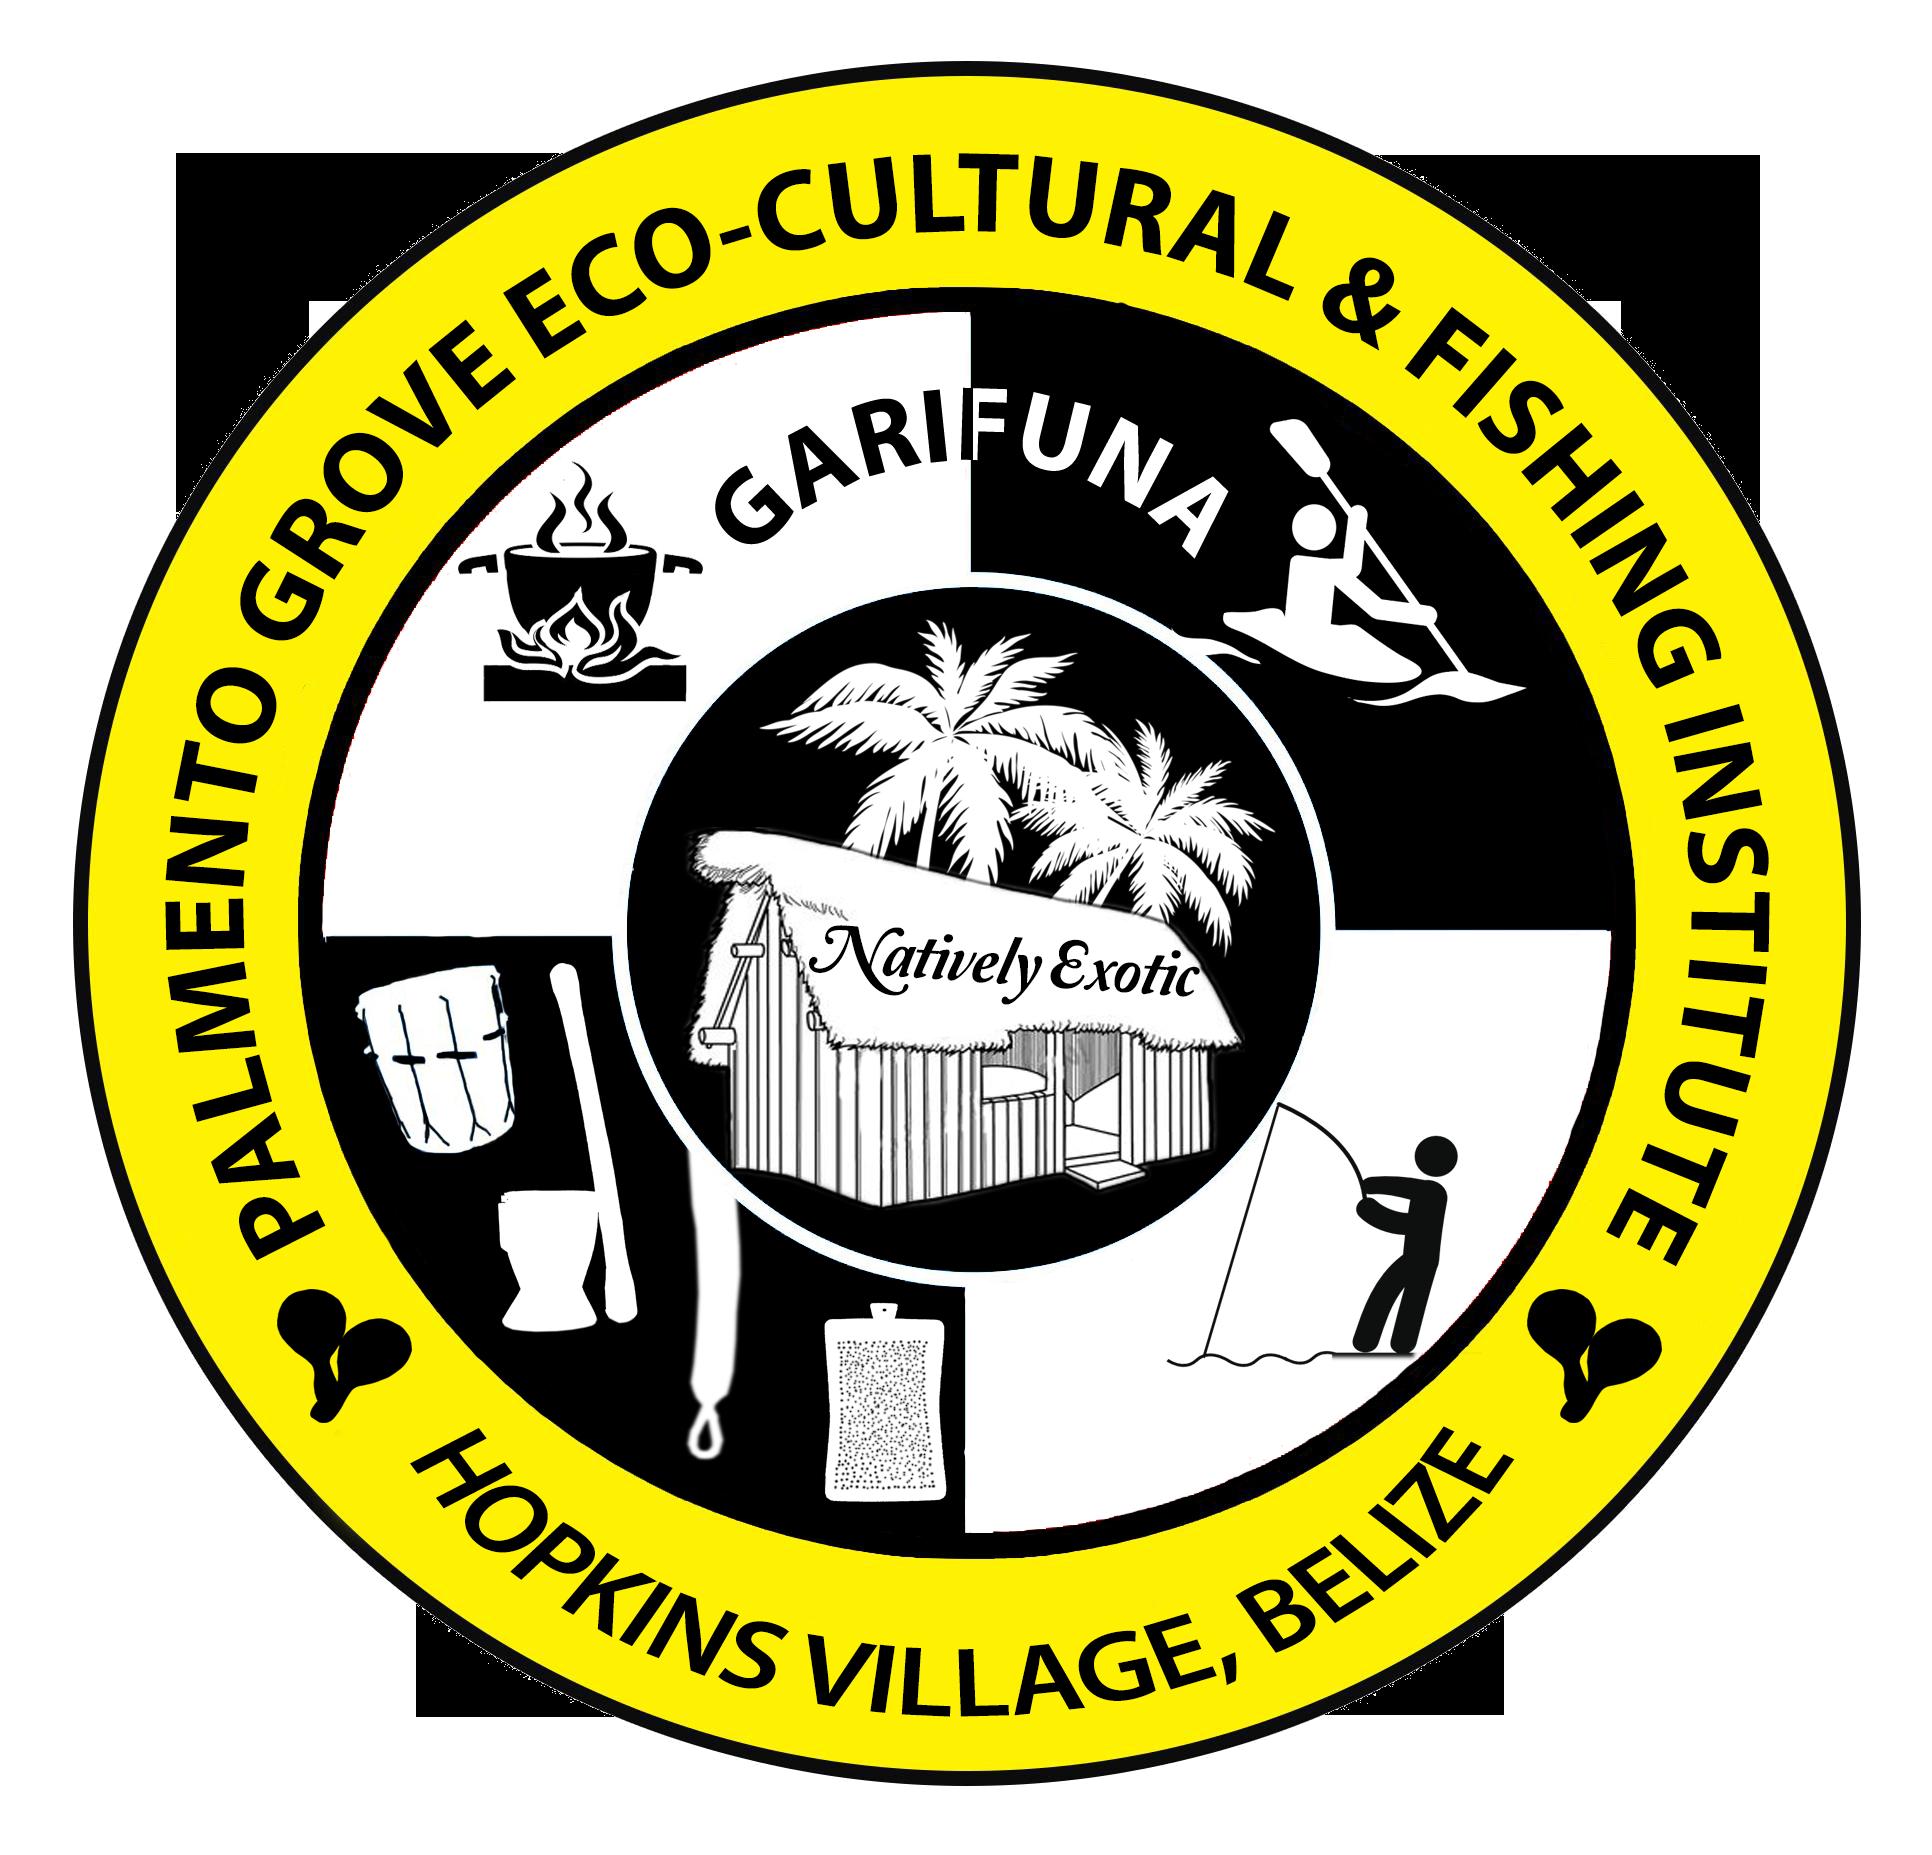 Palmento Grove Garifuna Eco-Cultural & Fishing Institute